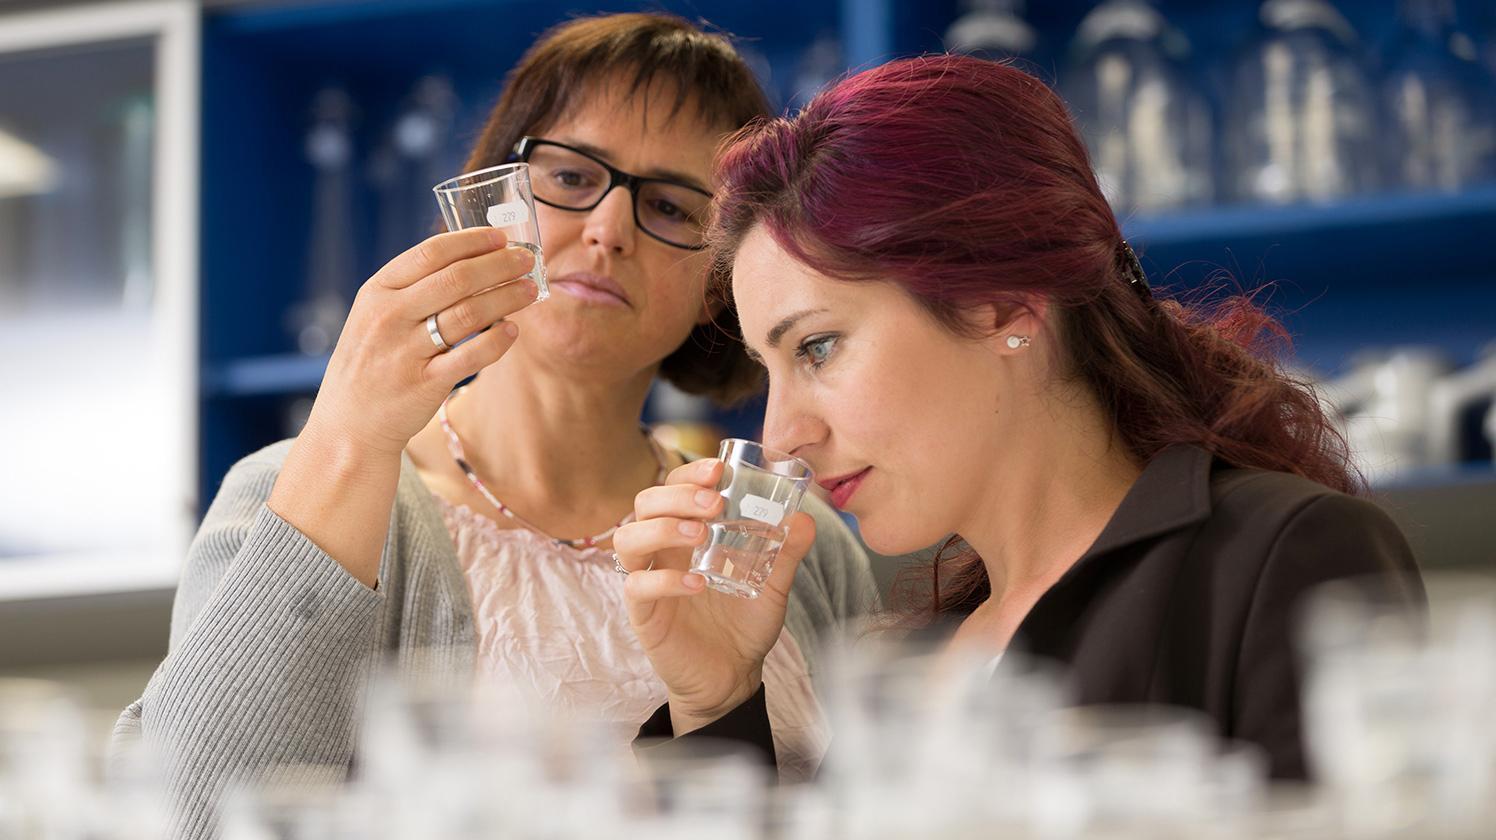 Test de l'équipe du laboratoire sensoriel de BRITA